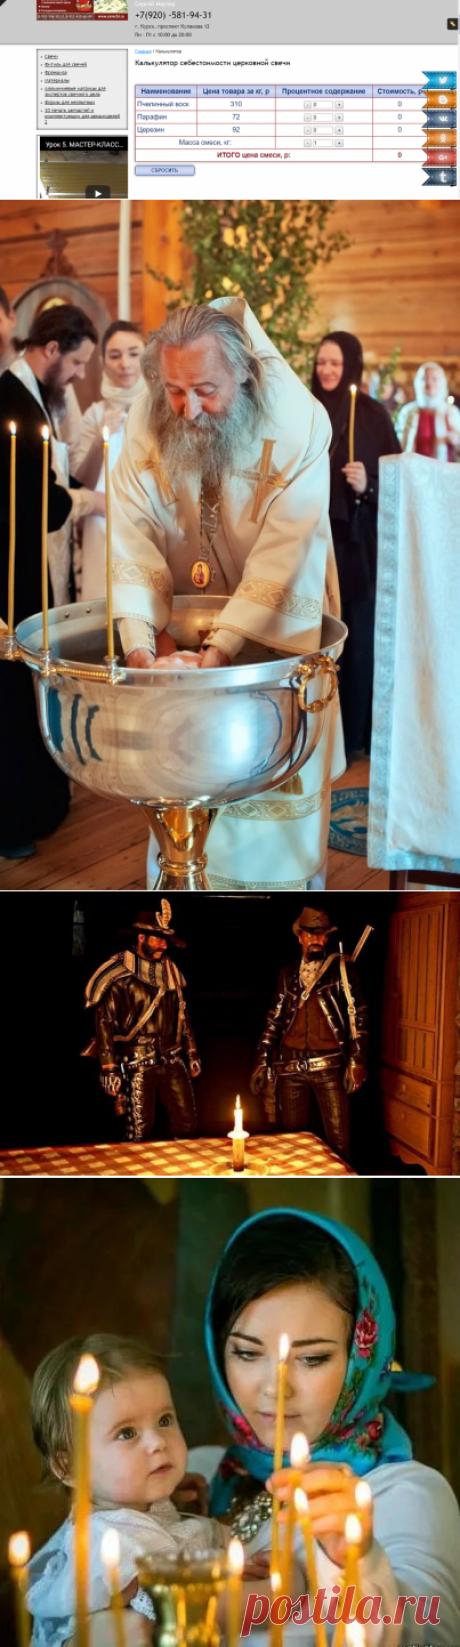 Приходите узнать себестоимость свечи из вощины сюда   Сергей Маузер   Яндекс Дзен